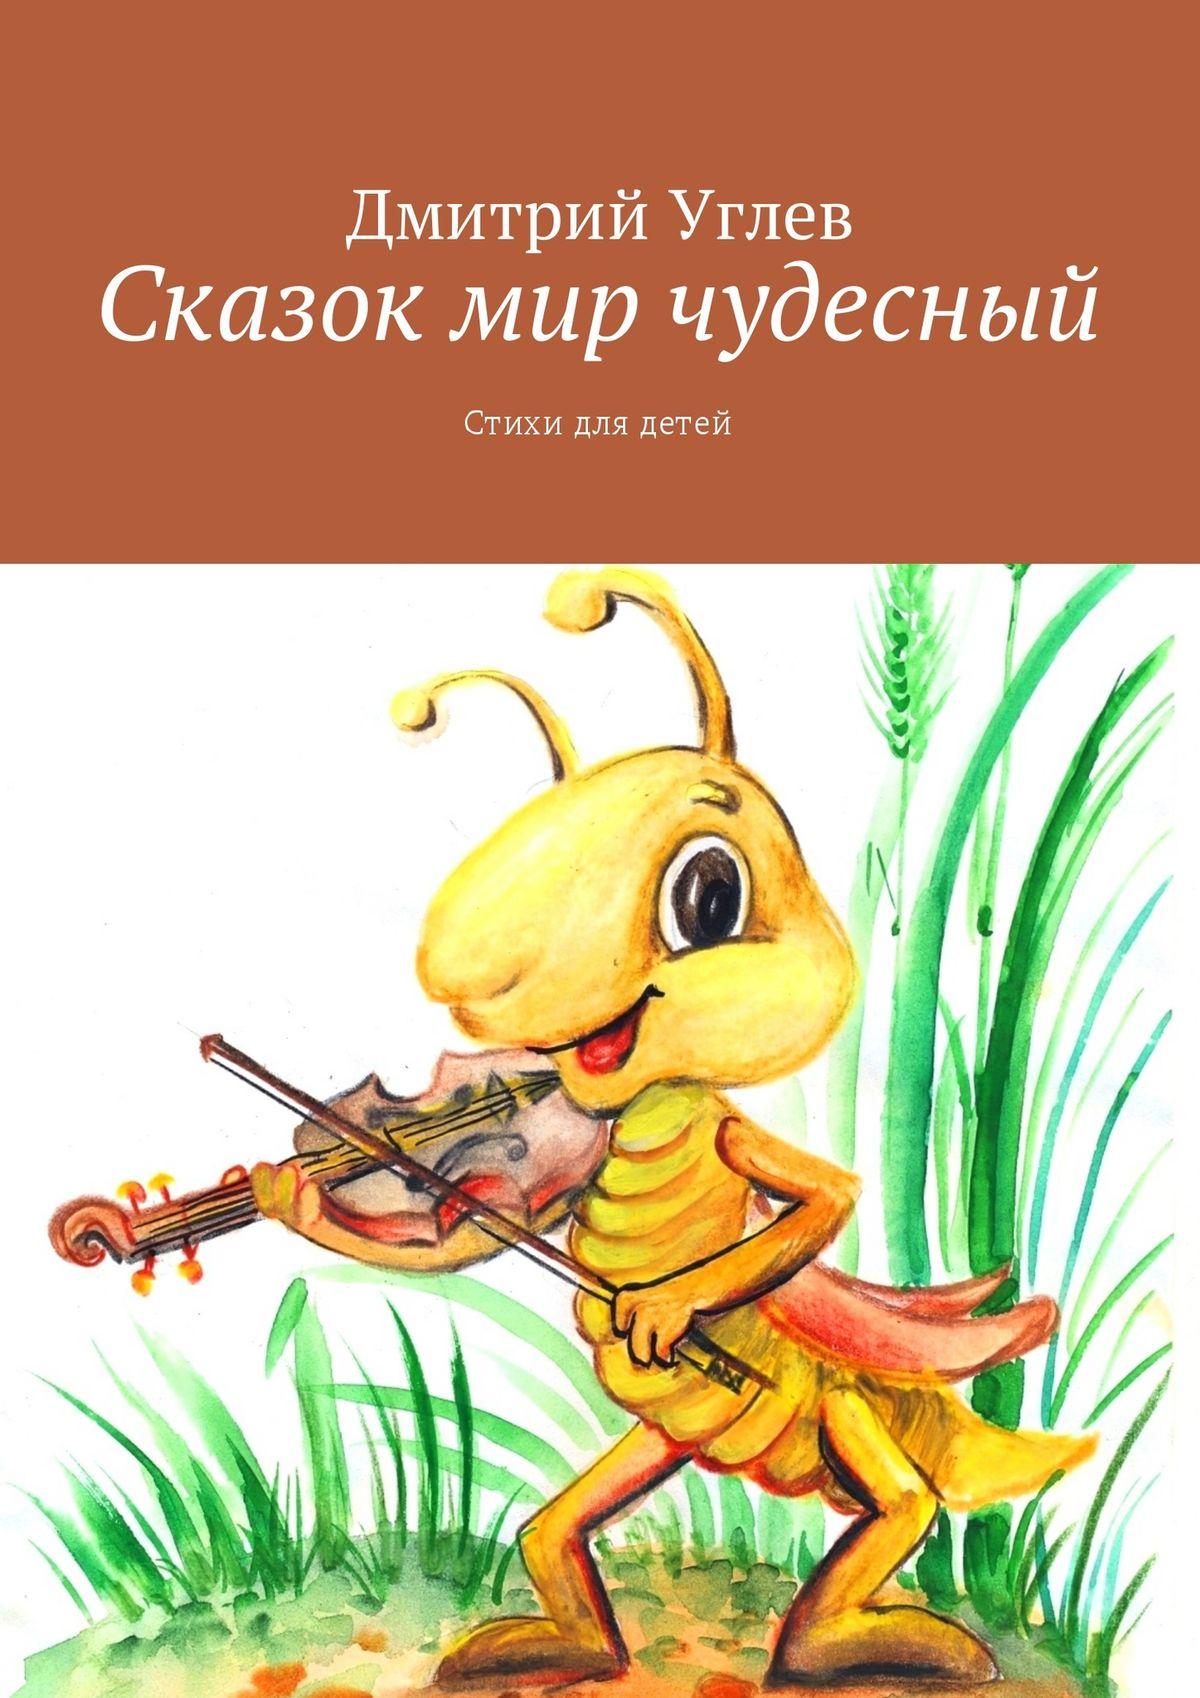 Дмитрий Углев Сказок мир чудесный. Стихи для детей дмитрий углев предвисокосныйгод isbn 9785447433512